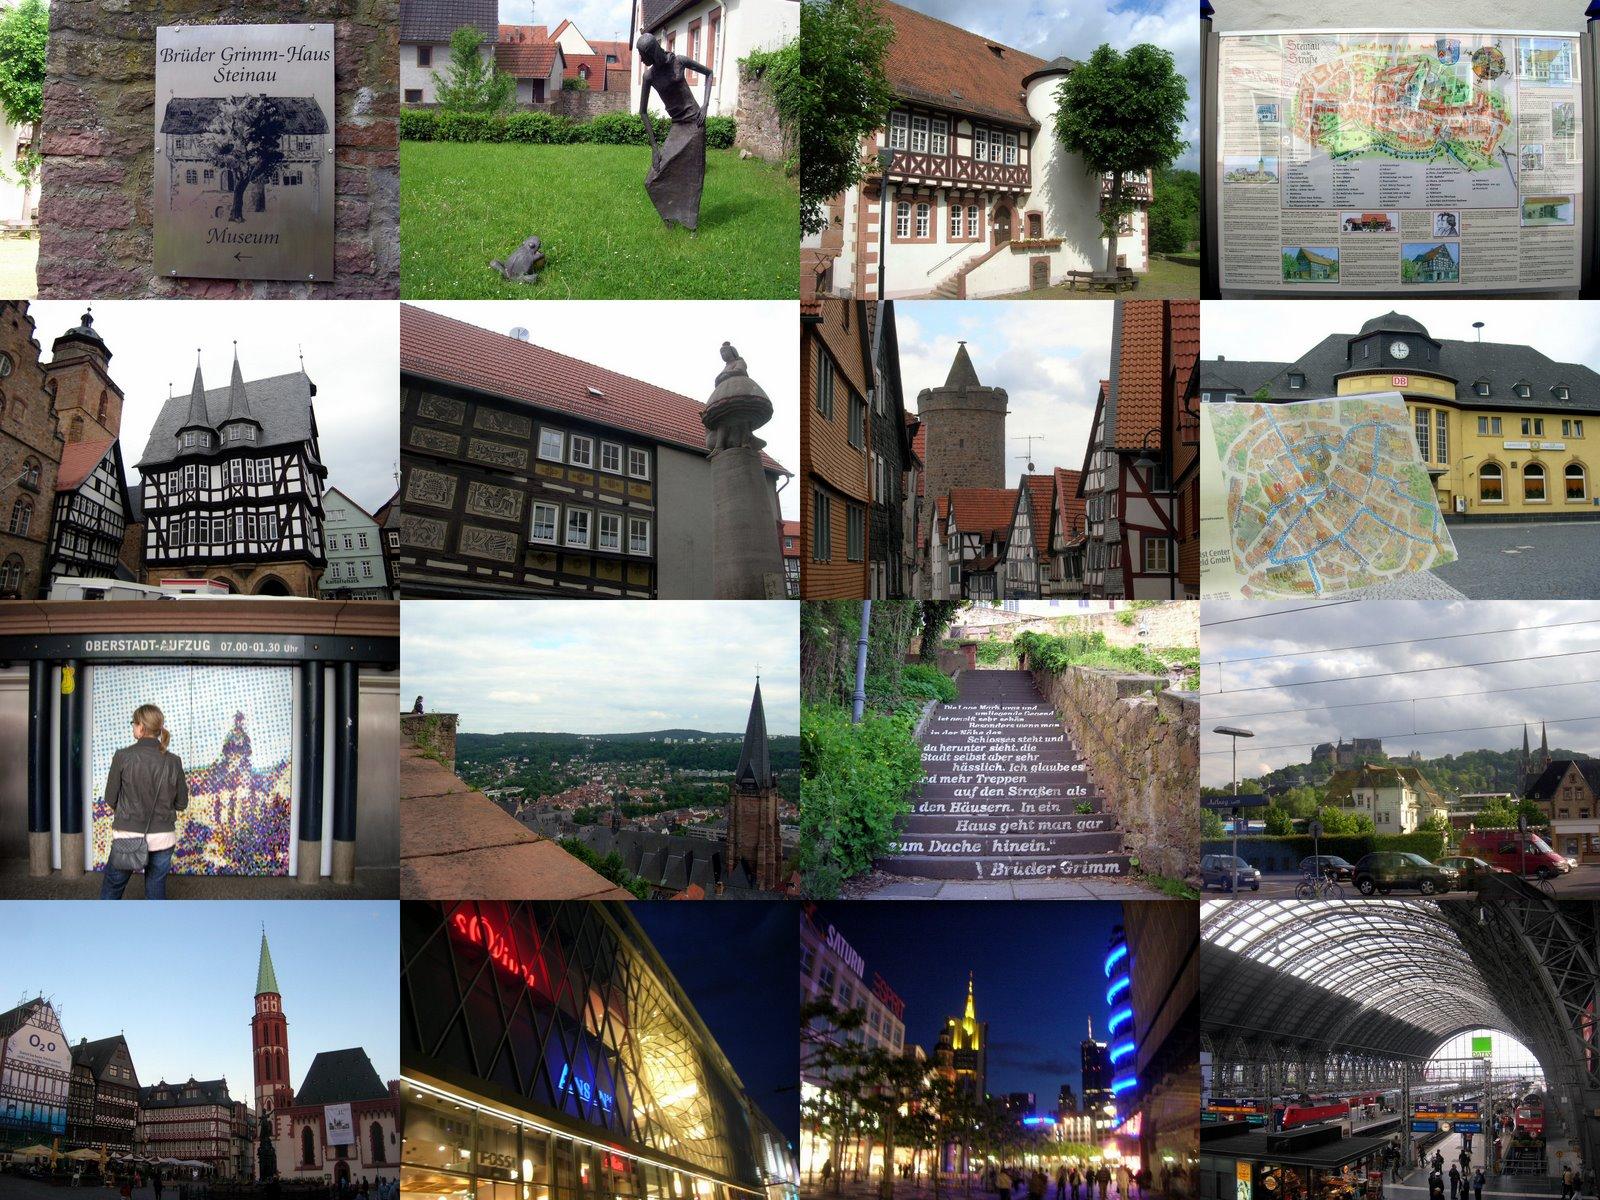 [歐洲回憶] 兩星期玩六國 (1) 一路和烏雲躲貓貓的法蘭克福+德國童話大道暴走之旅   從德國出發,歐洲走透透